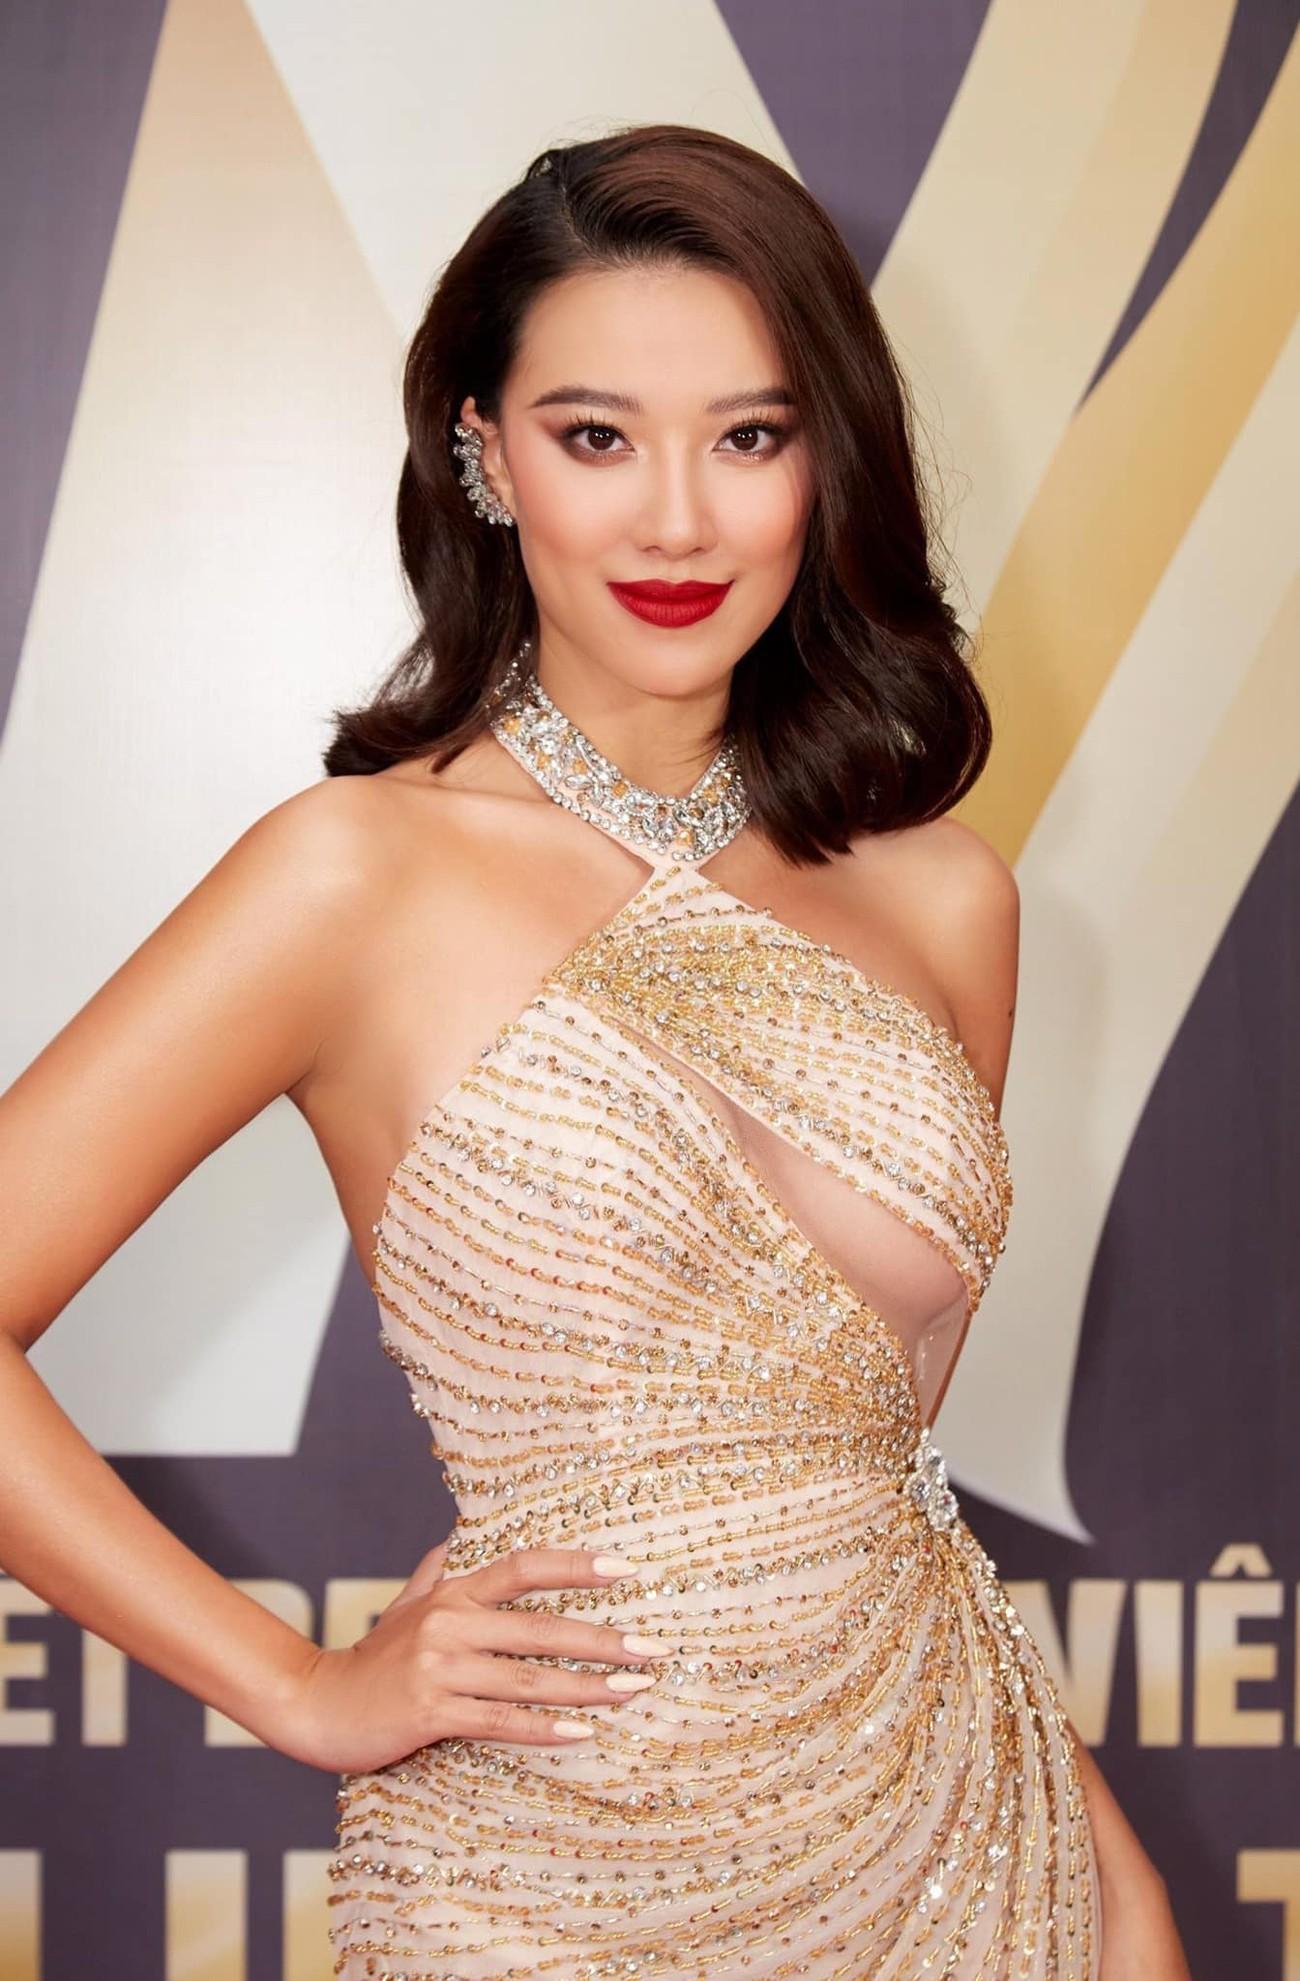 Hoa hậu Đỗ Thị Hà xinh đẹp nền nã với áo dài, H'Hen Niê hoá búp bê barbie nóng bỏng ảnh 9